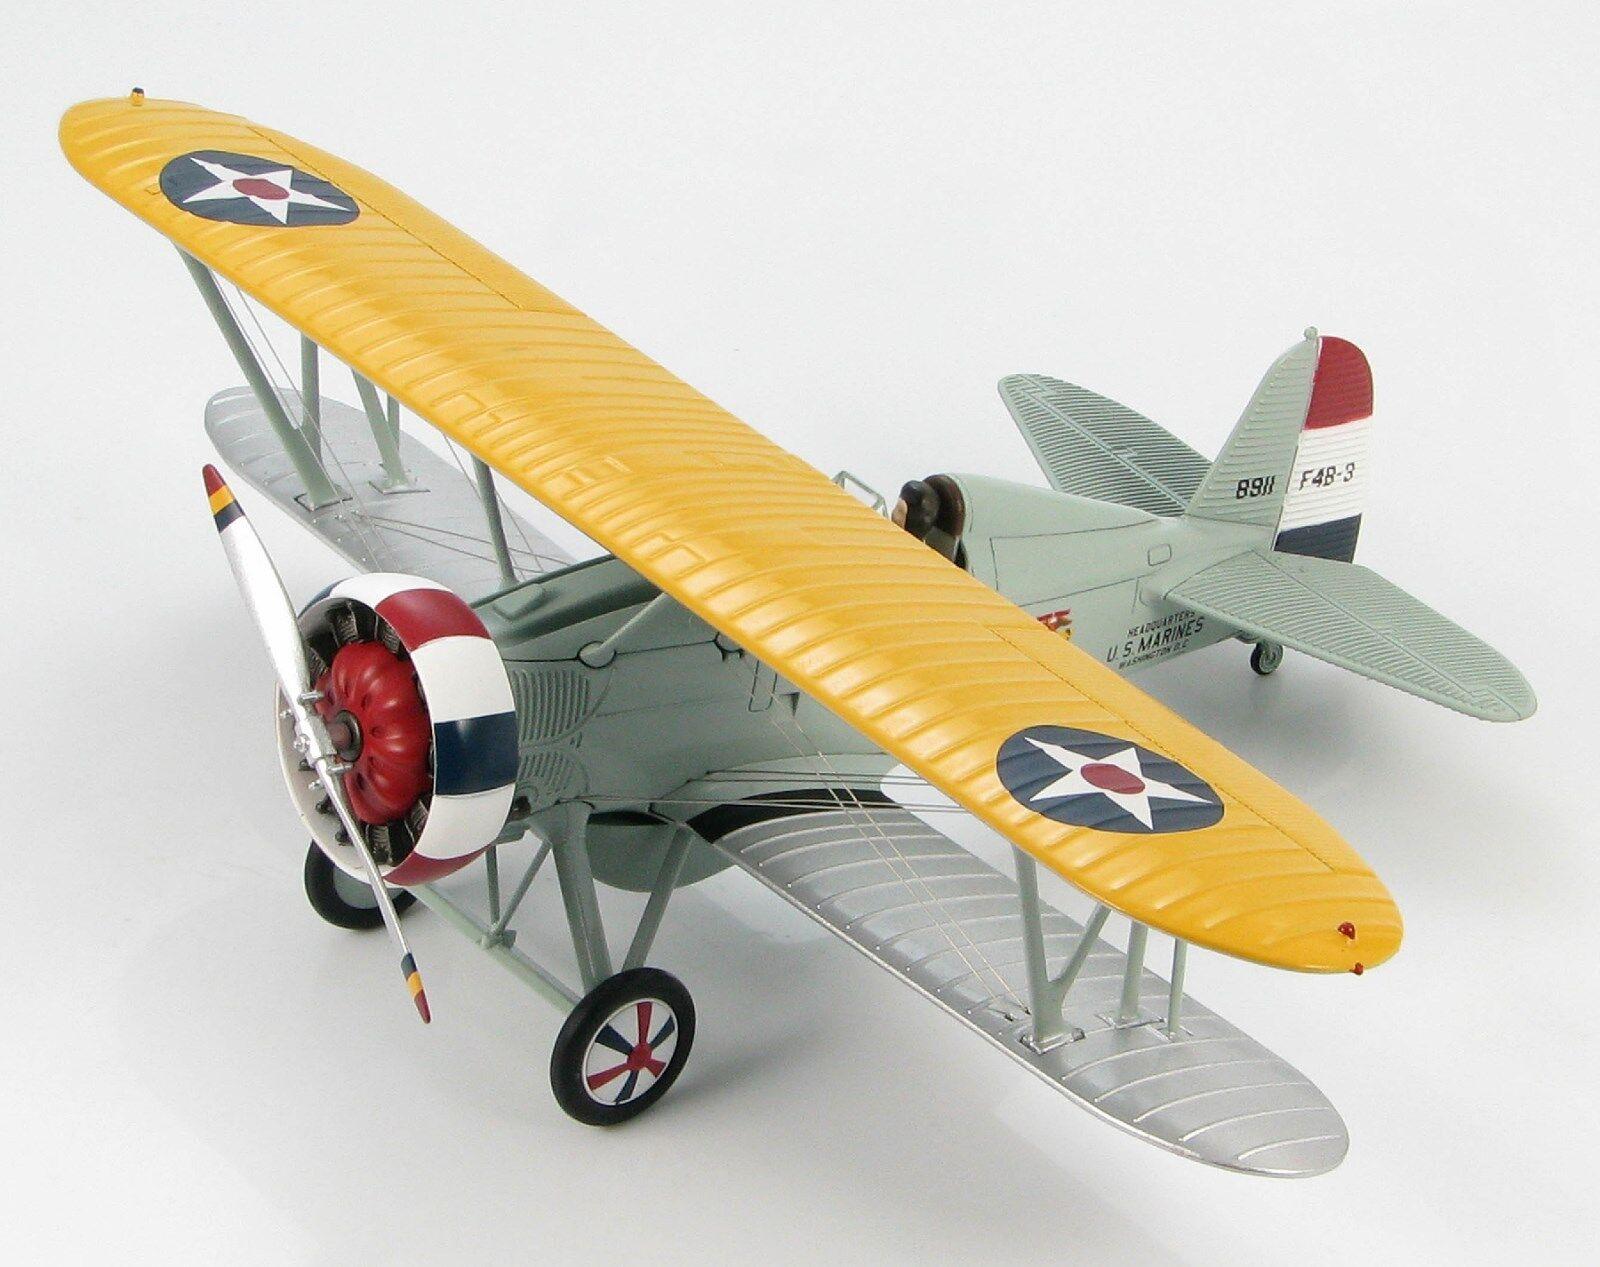 Hobby Master HA7908 Boeing F4B-3 Command Plane H.Q. US Marines NAS 1930s 1 48th.